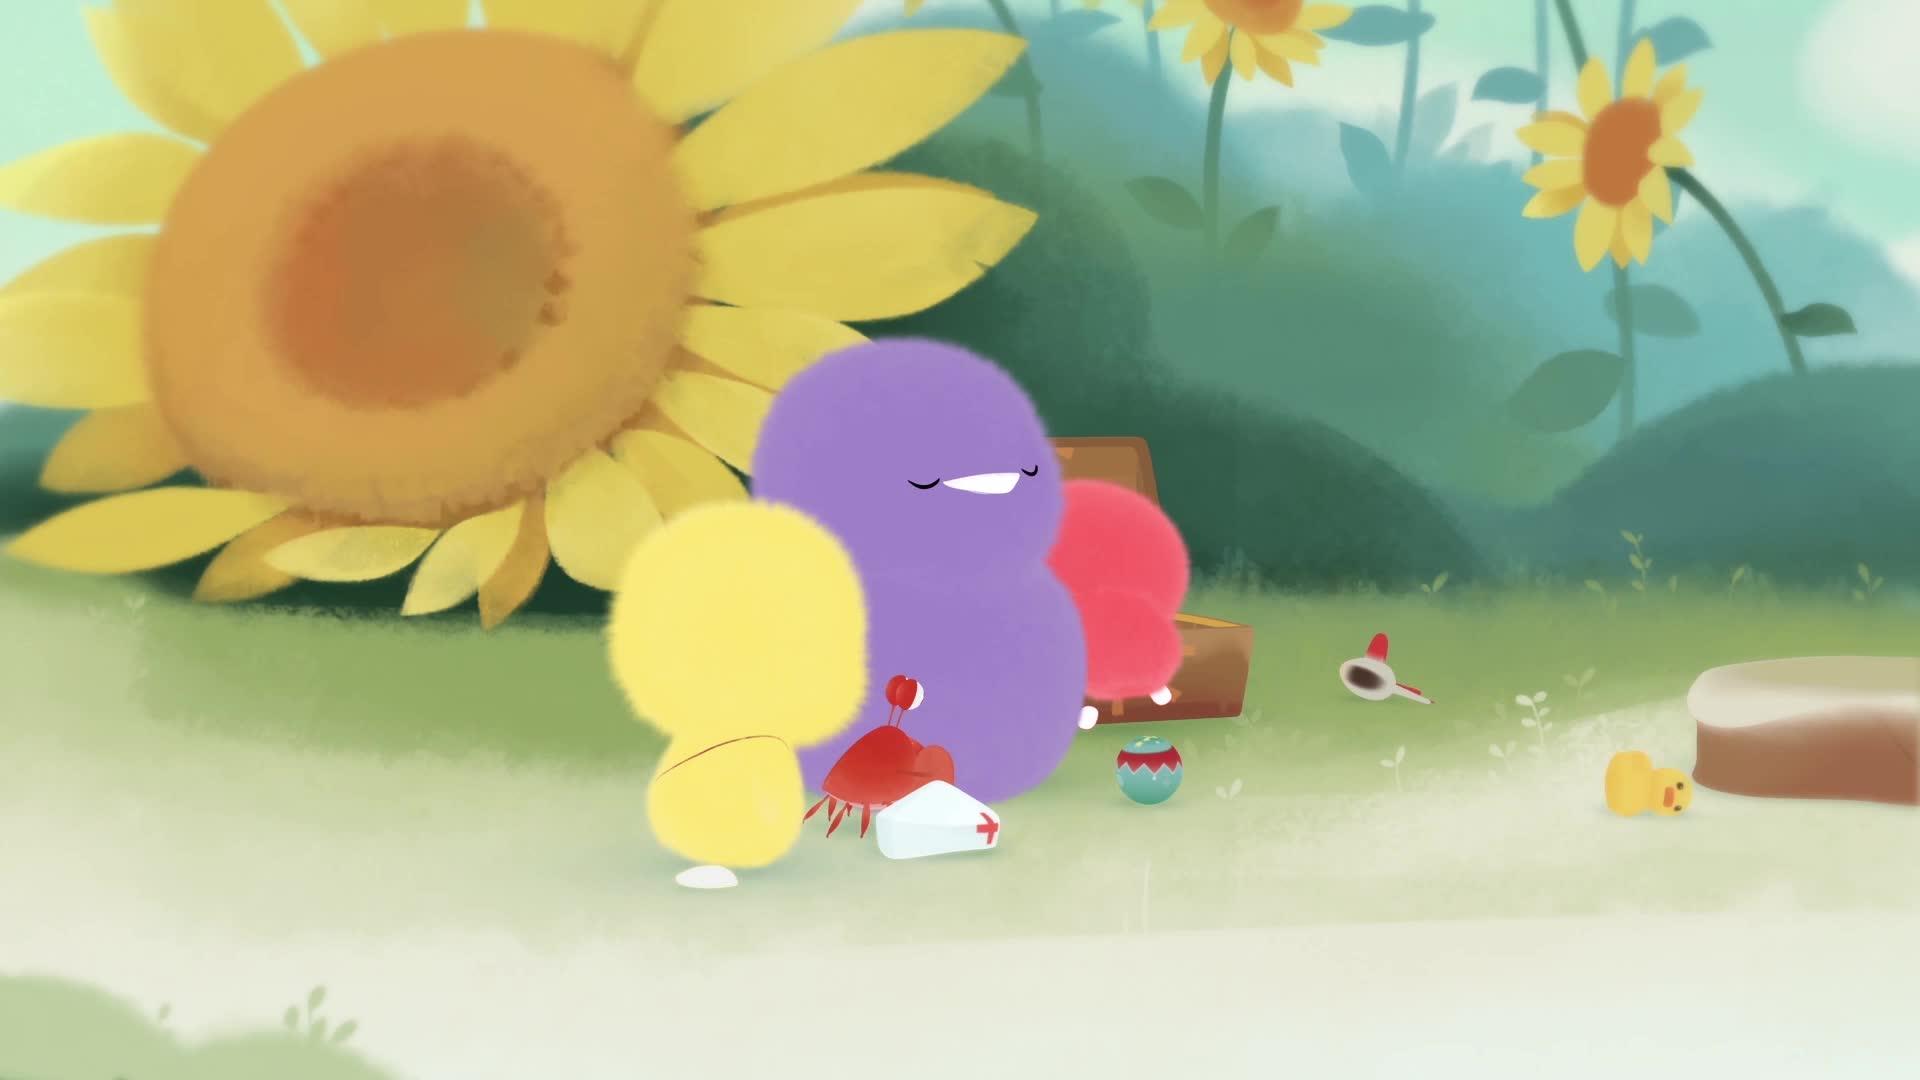 《小鸡彩虹》 第五季 02和皮皮一起玩